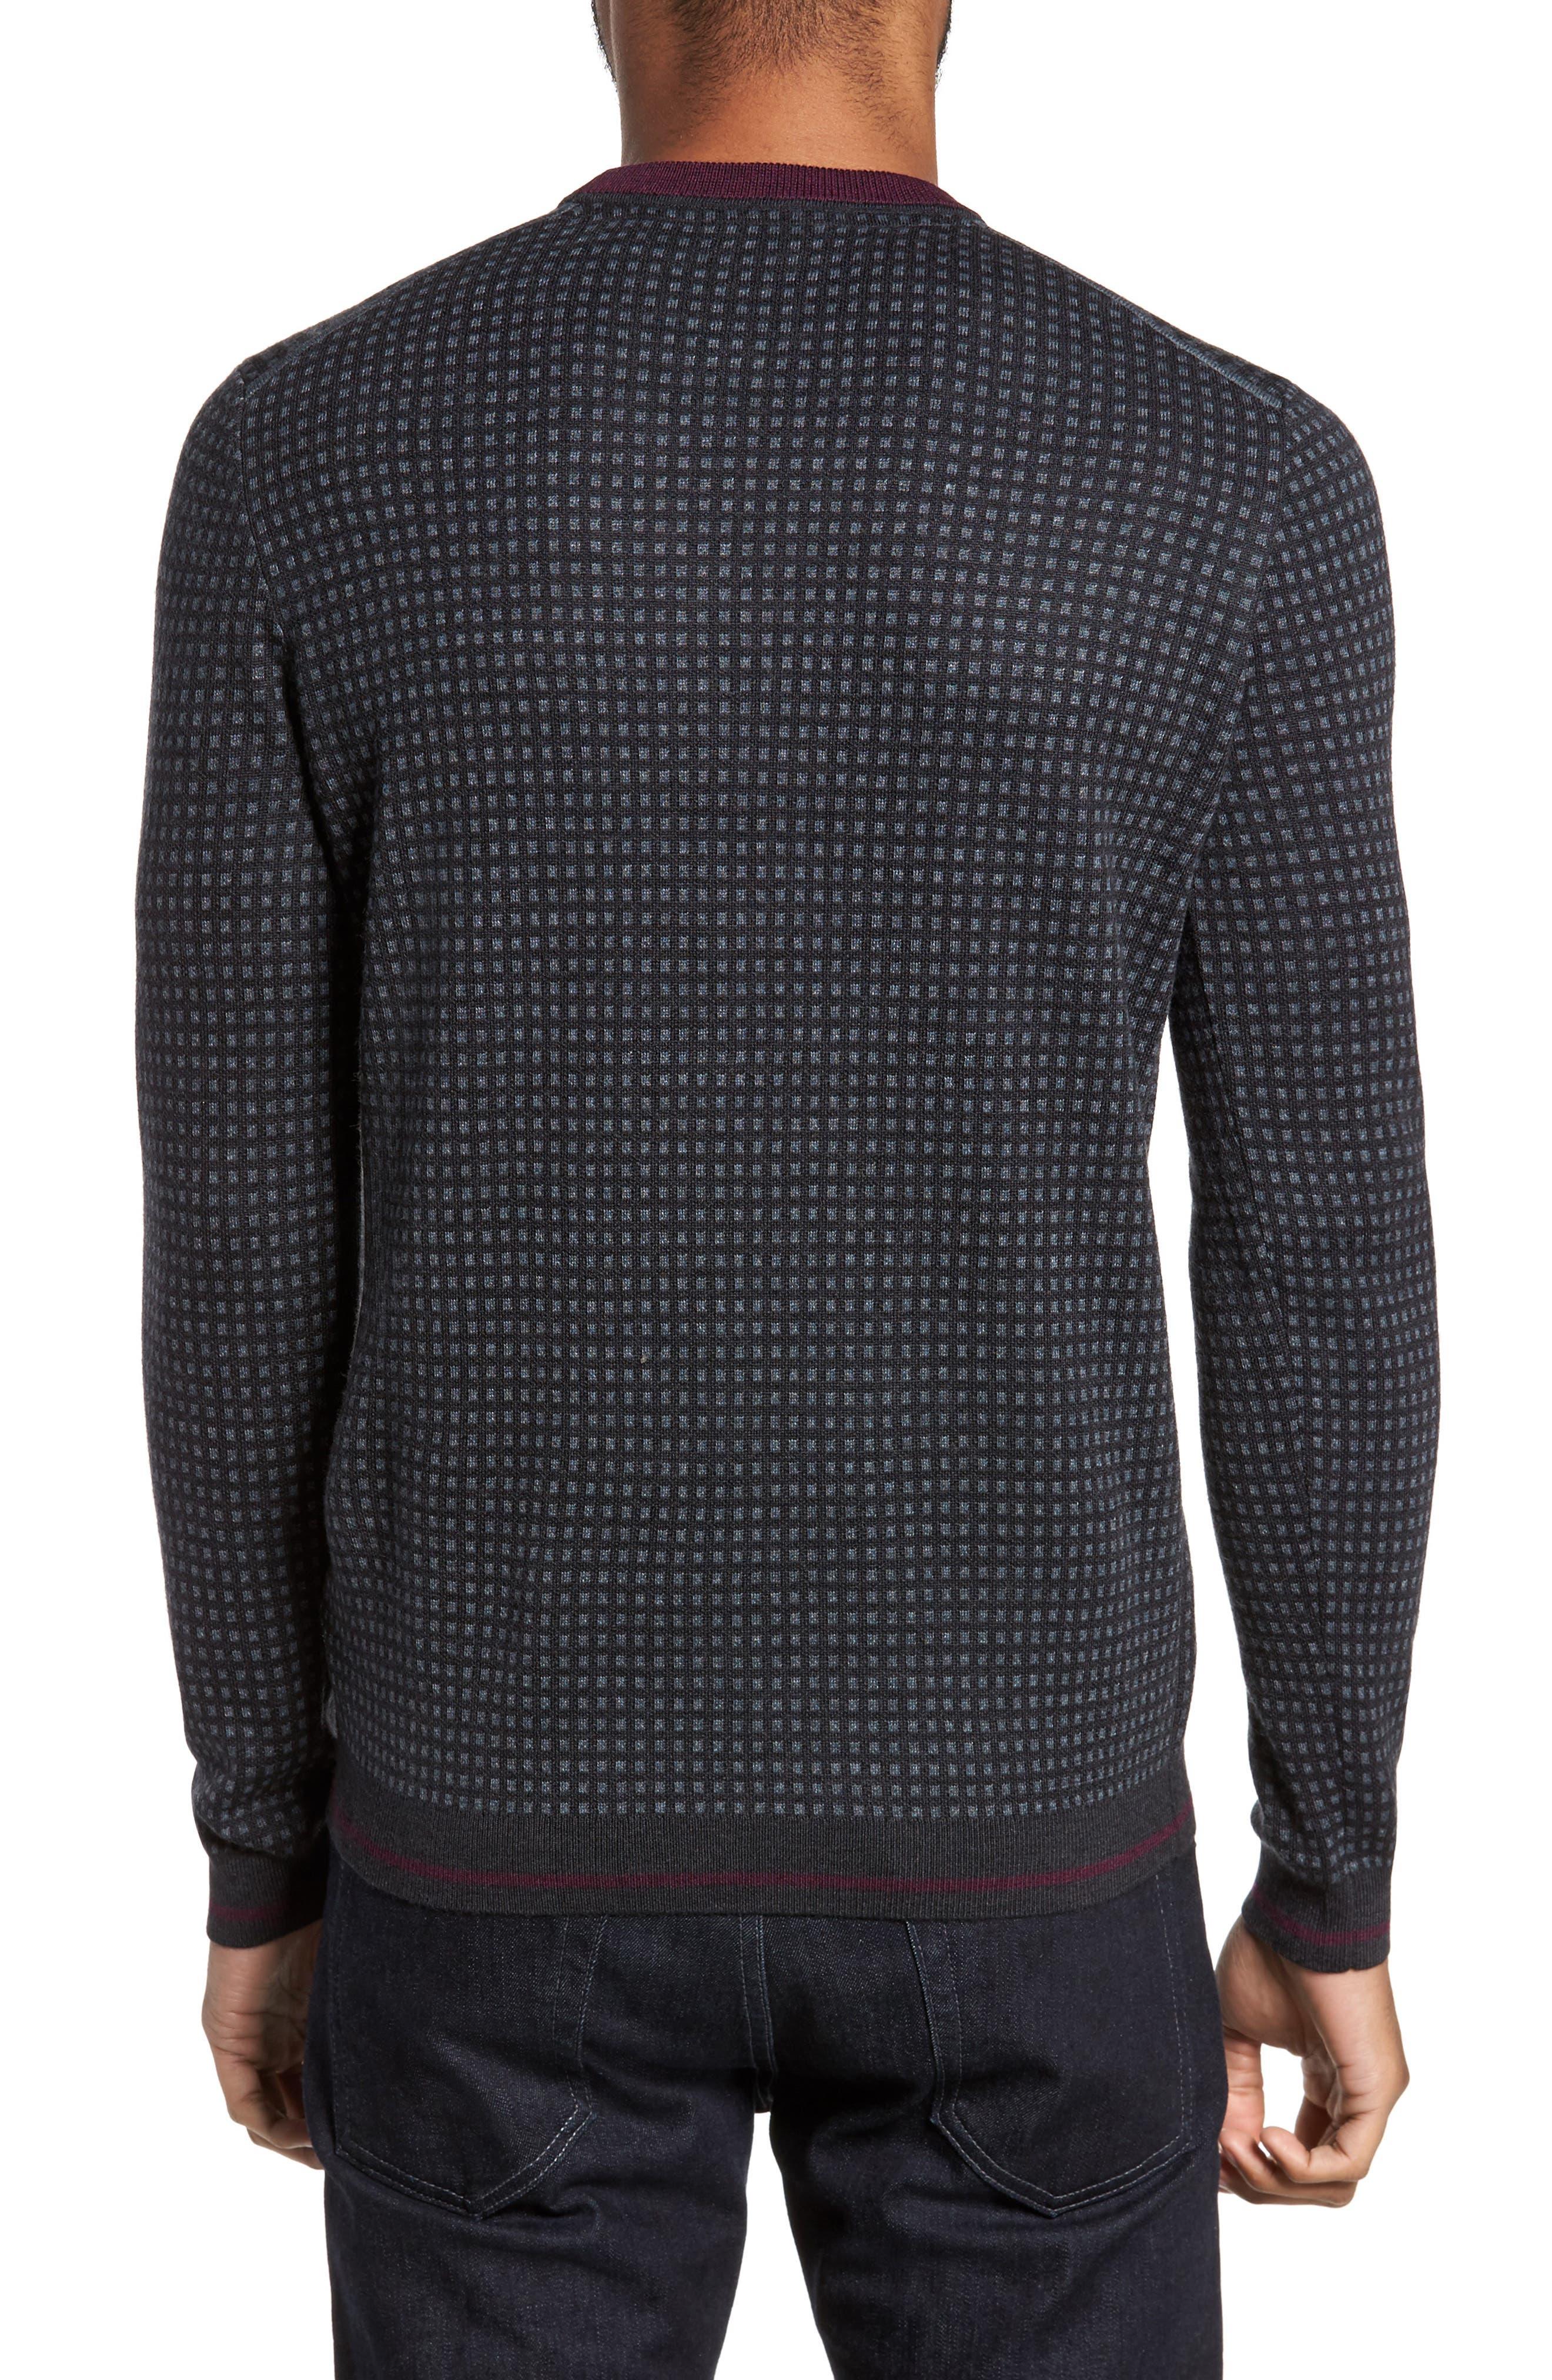 Parvine Crewneck Sweater,                             Alternate thumbnail 2, color,                             031